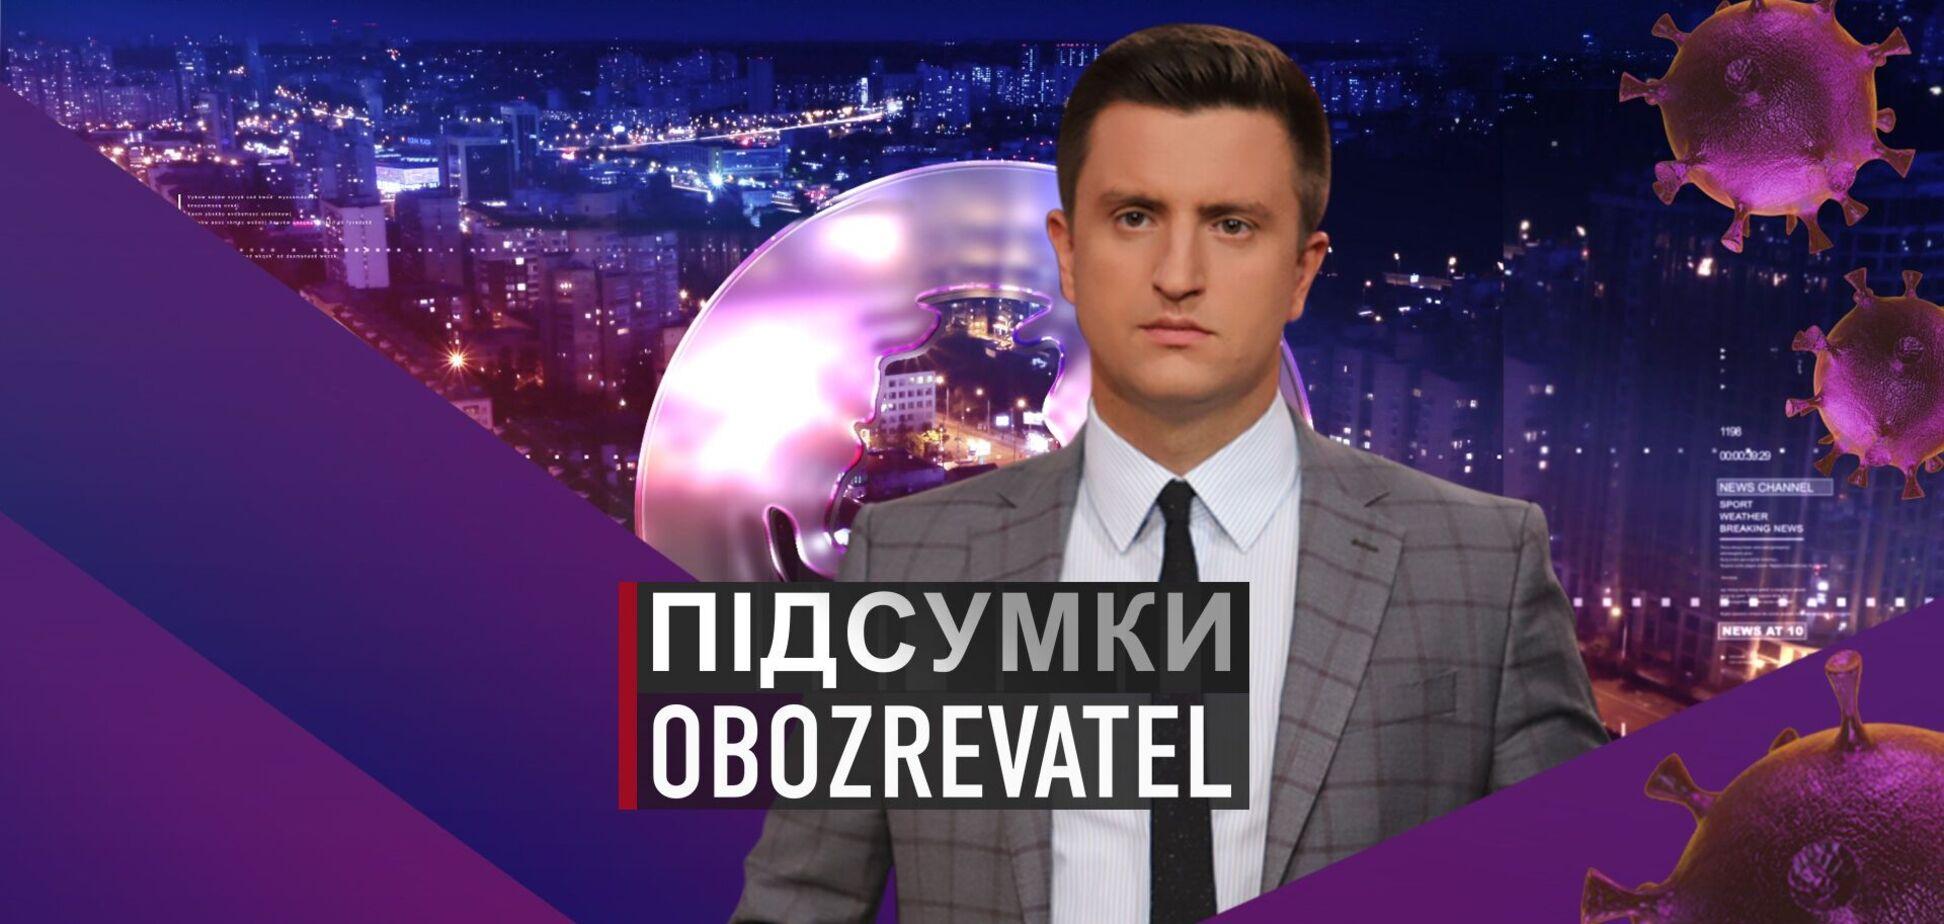 Підсумки з Вадимом Колодійчуком. Середа, 18 серпня